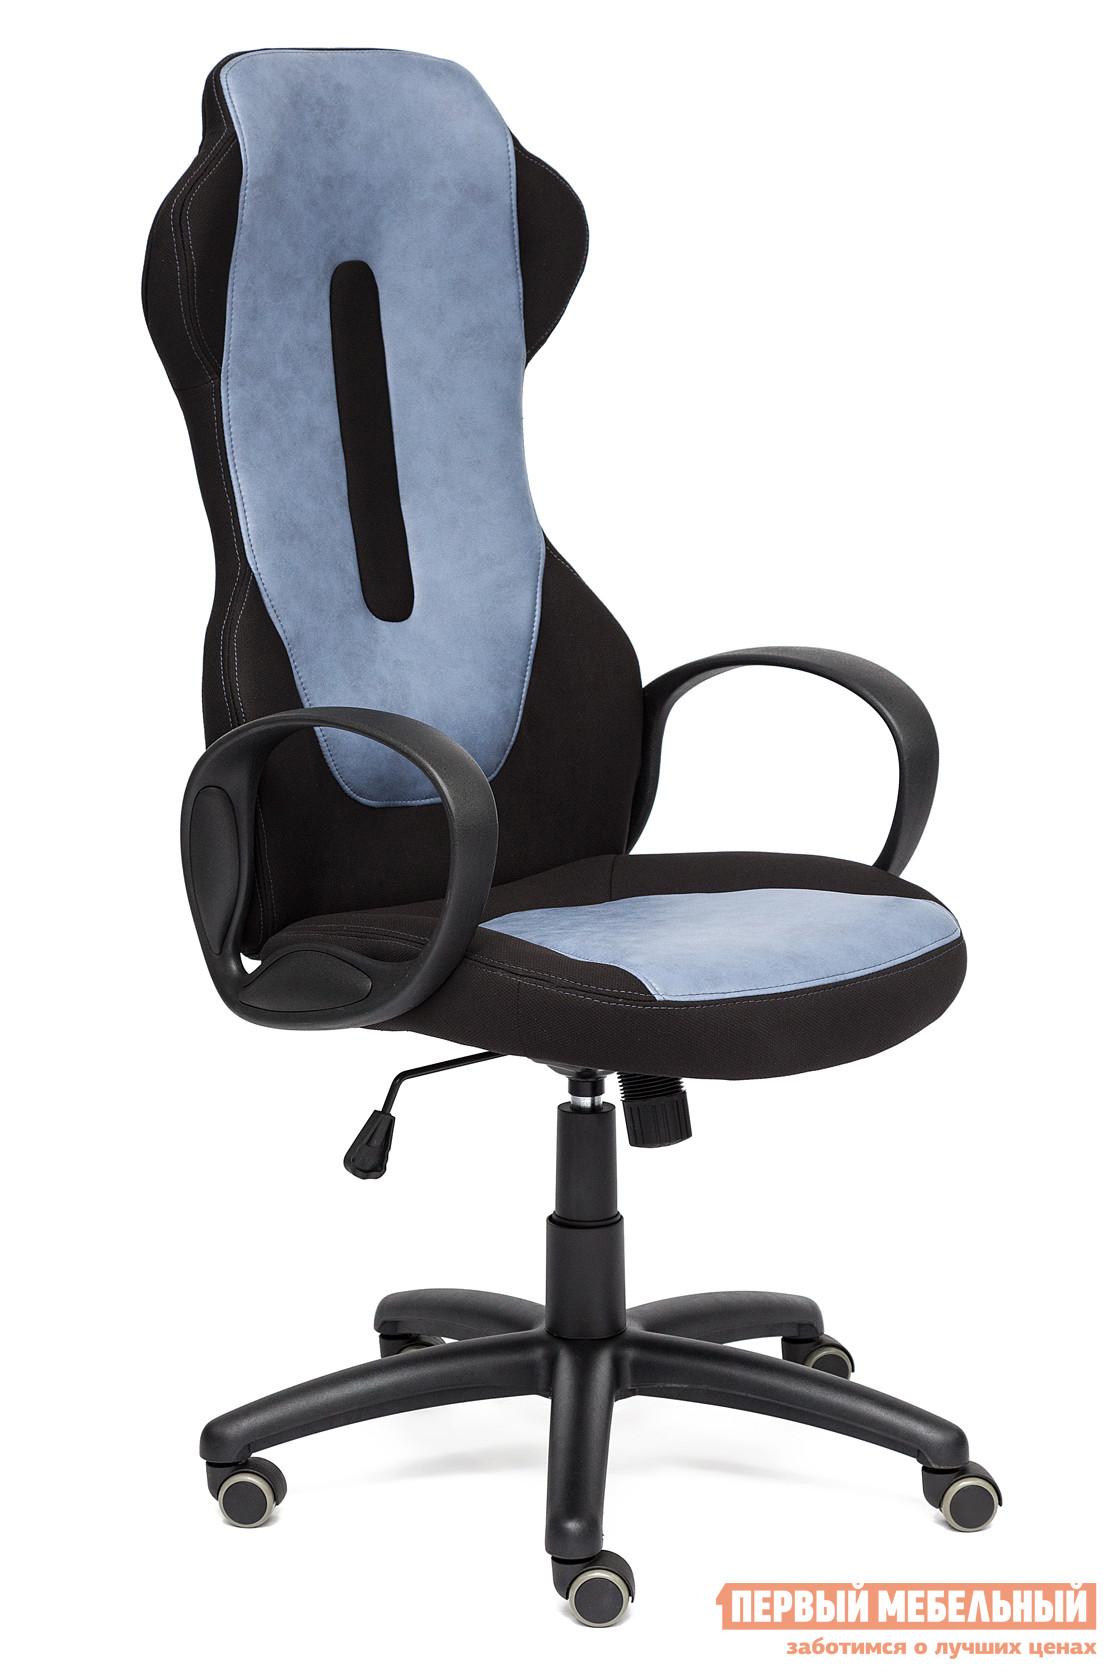 Офисное кресло Tetchair Alien